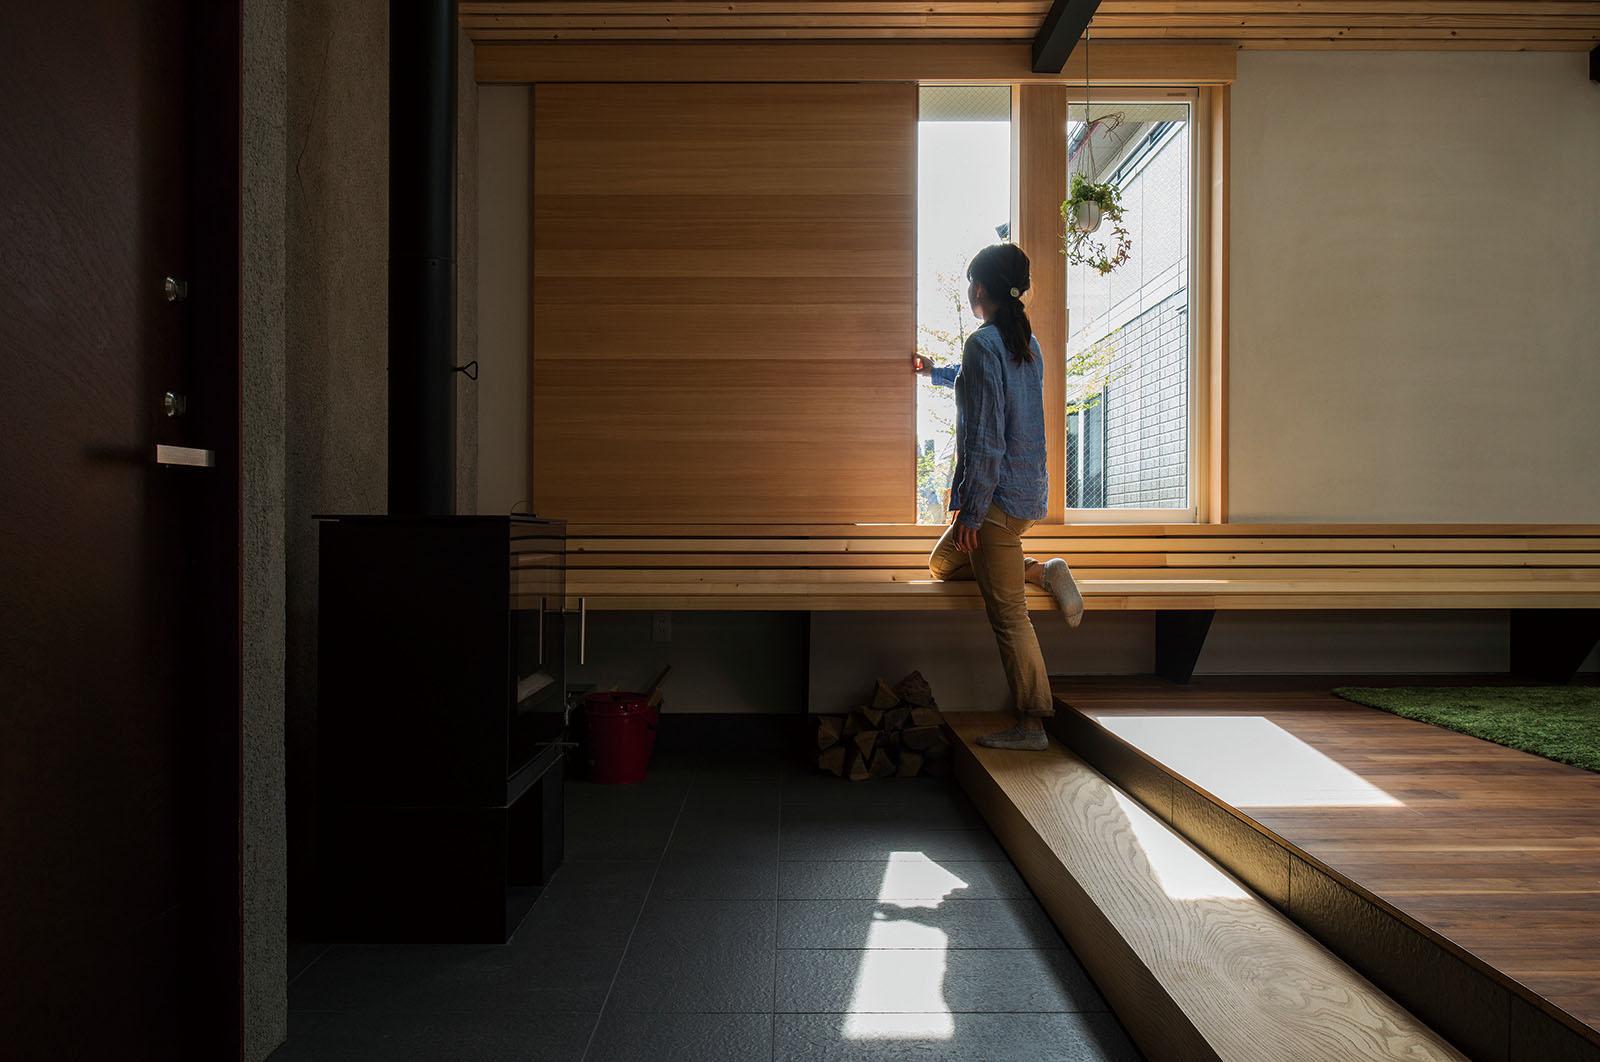 隣接する実家の庭を見渡す開口は、窓越しに四季の彩りと両親との会話が楽しめる